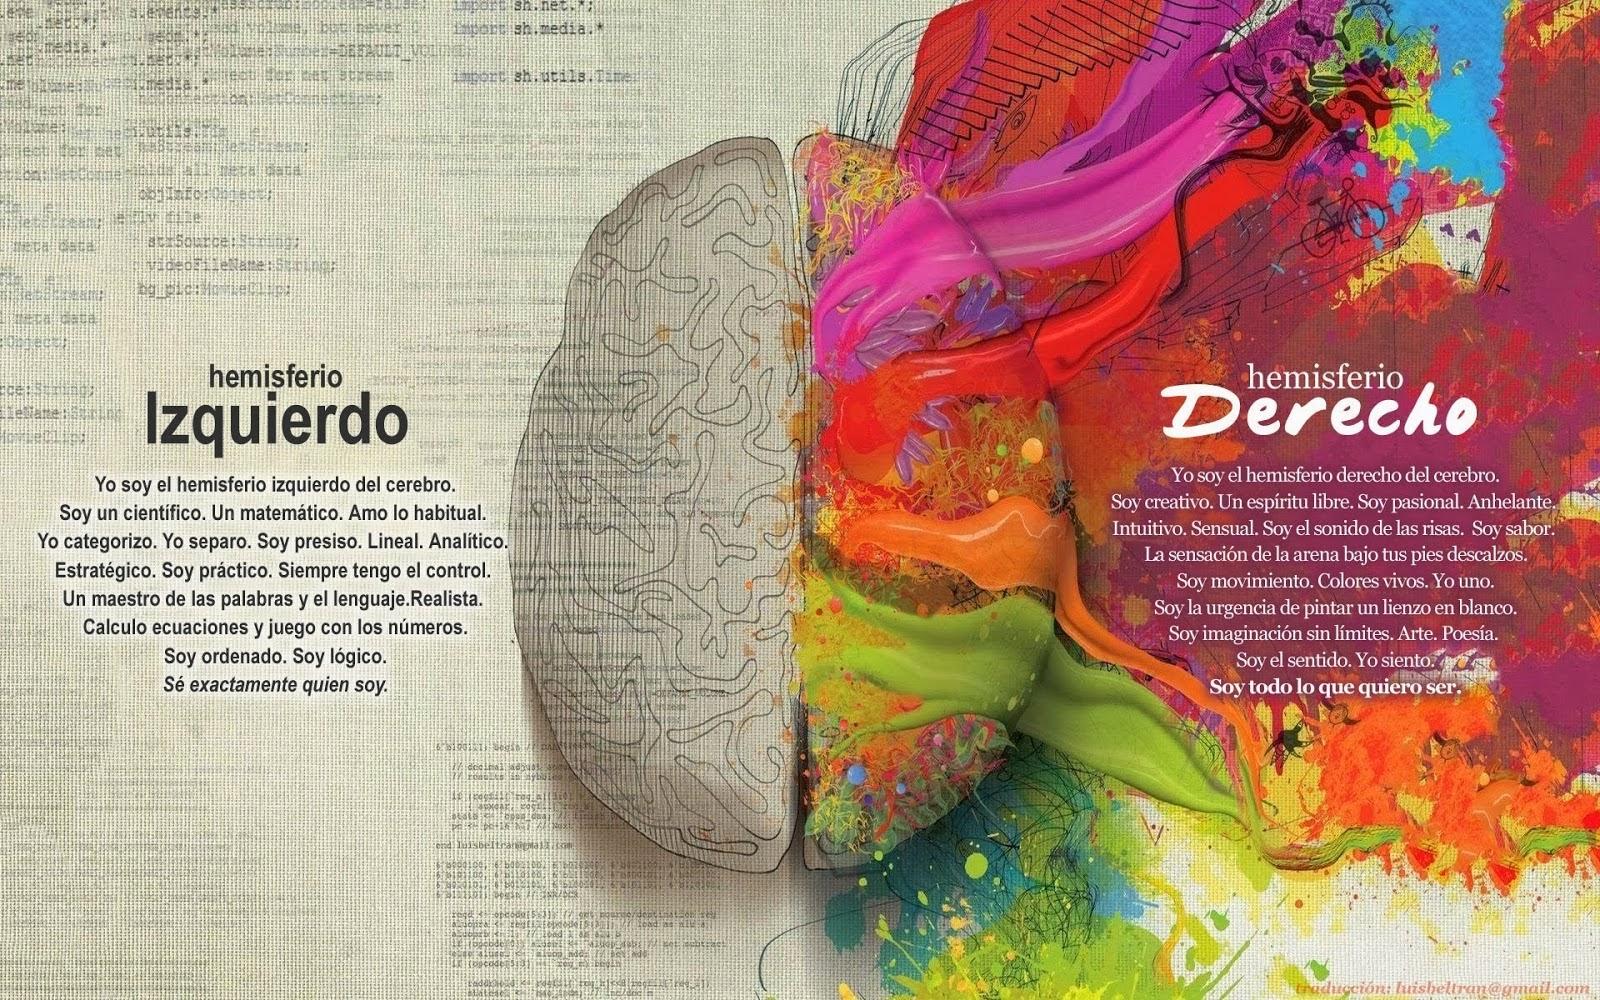 Lámina del cerebro representando ambos hemisferios y sus caracteristicas. Hemisferio derecho de múltiples colores.